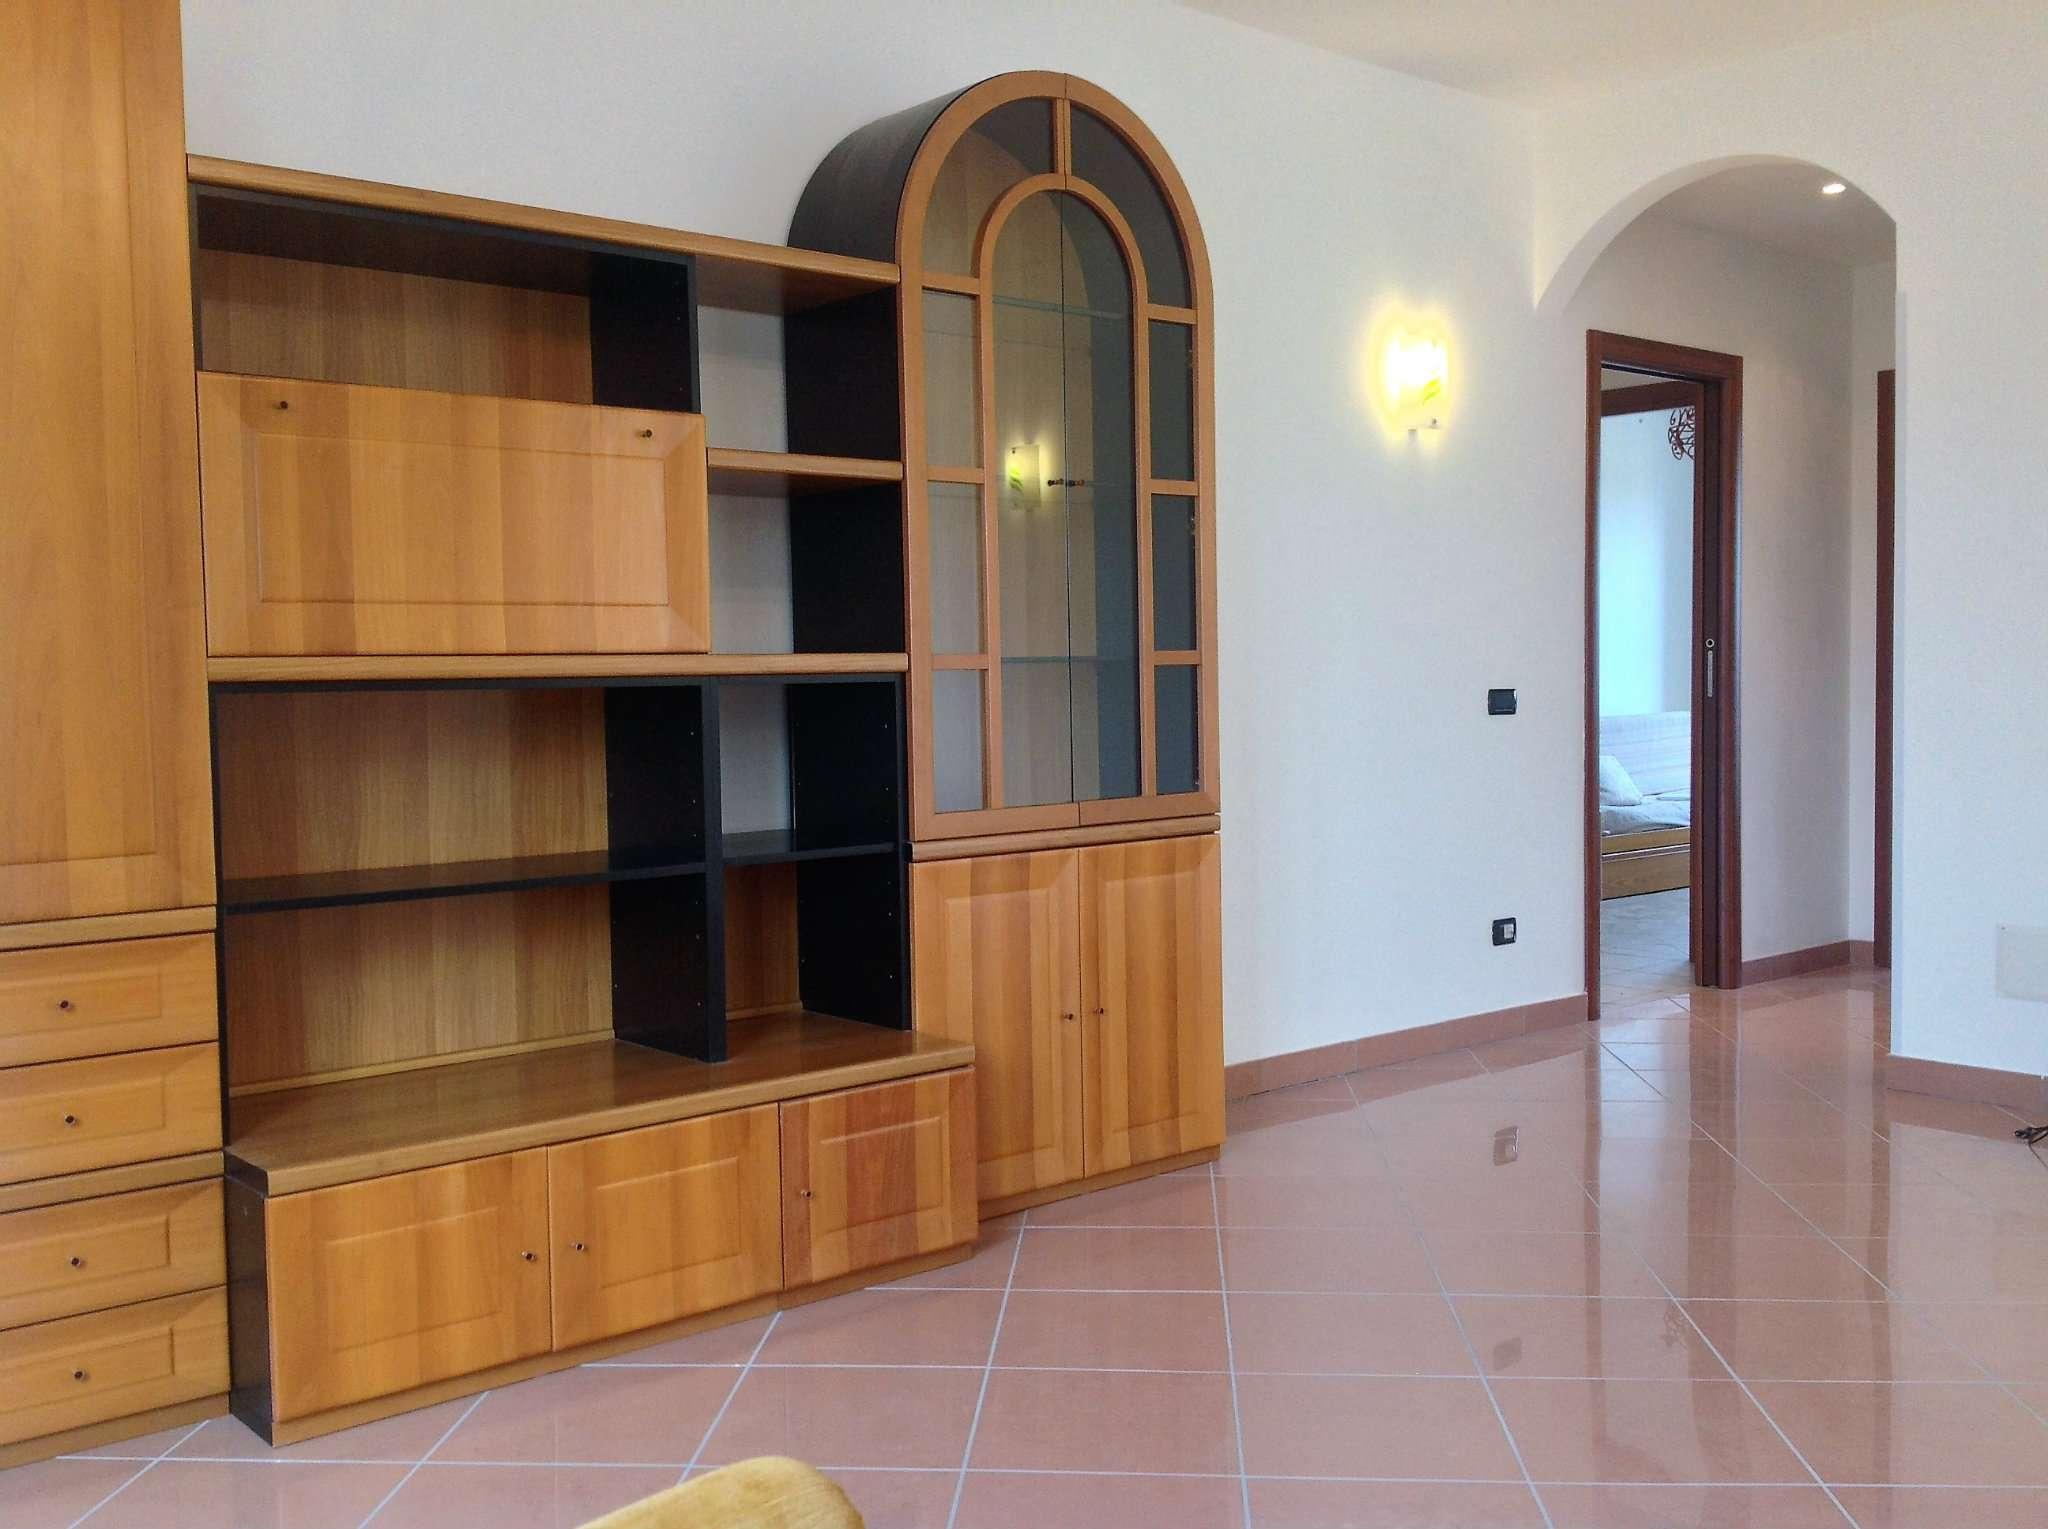 Trilocale busto arsizio vendita 110 mq for Costo impianto idraulico appartamento 100 mq